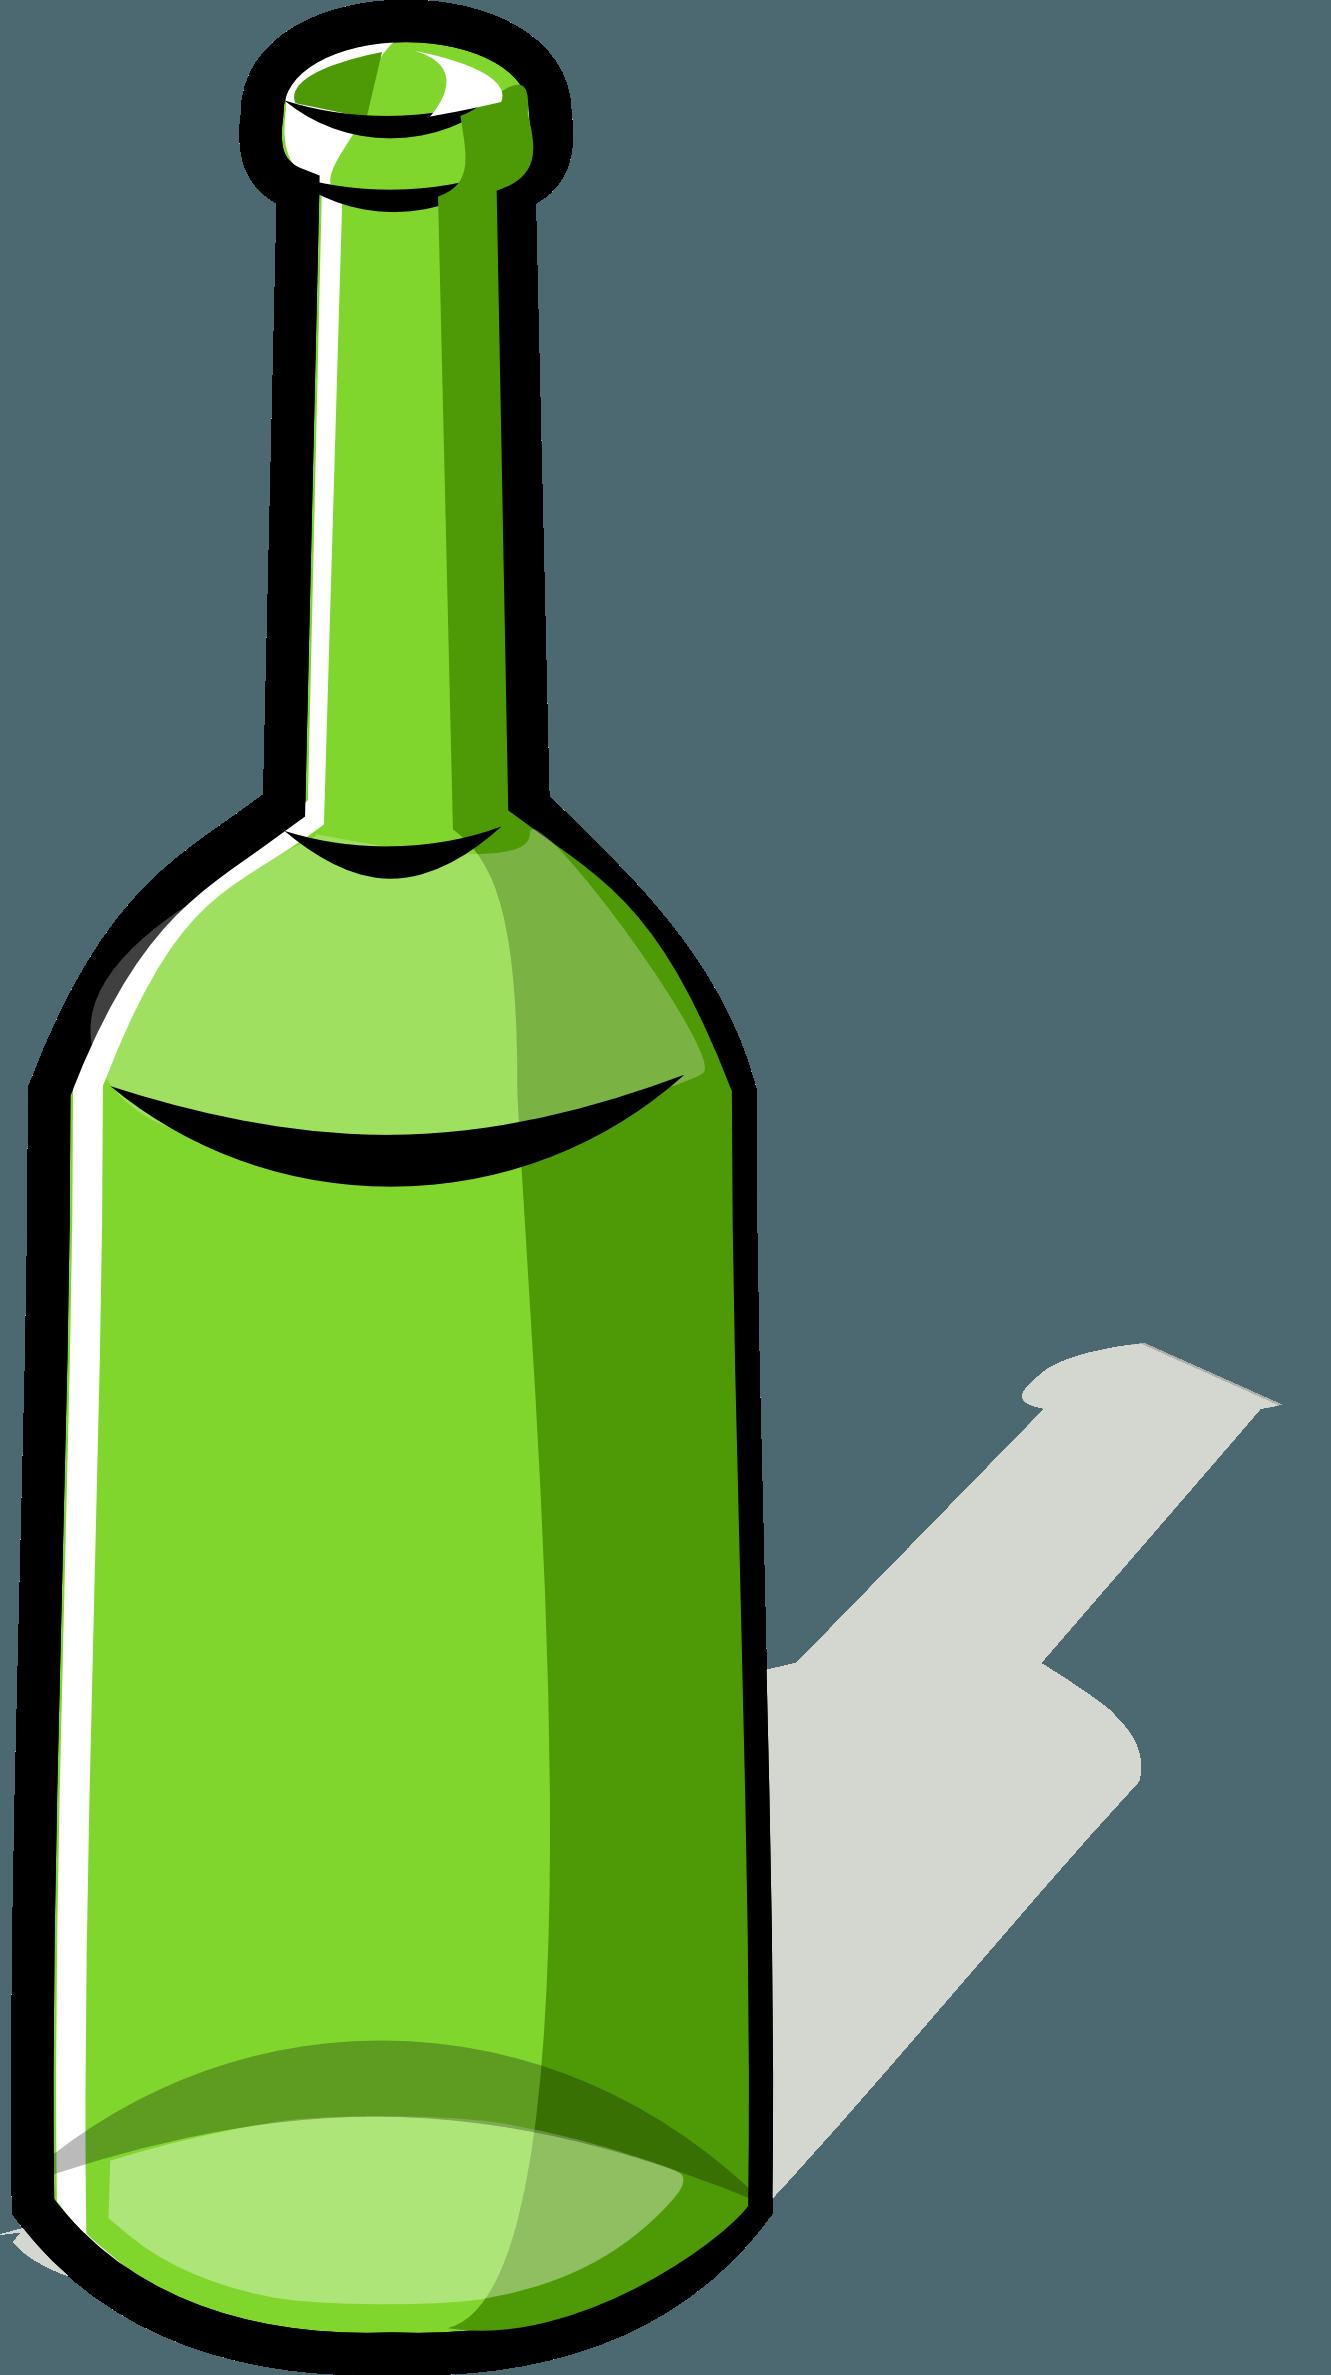 Bottle Png Image Download Image Of Bottle PNG Image - Bottle PNG